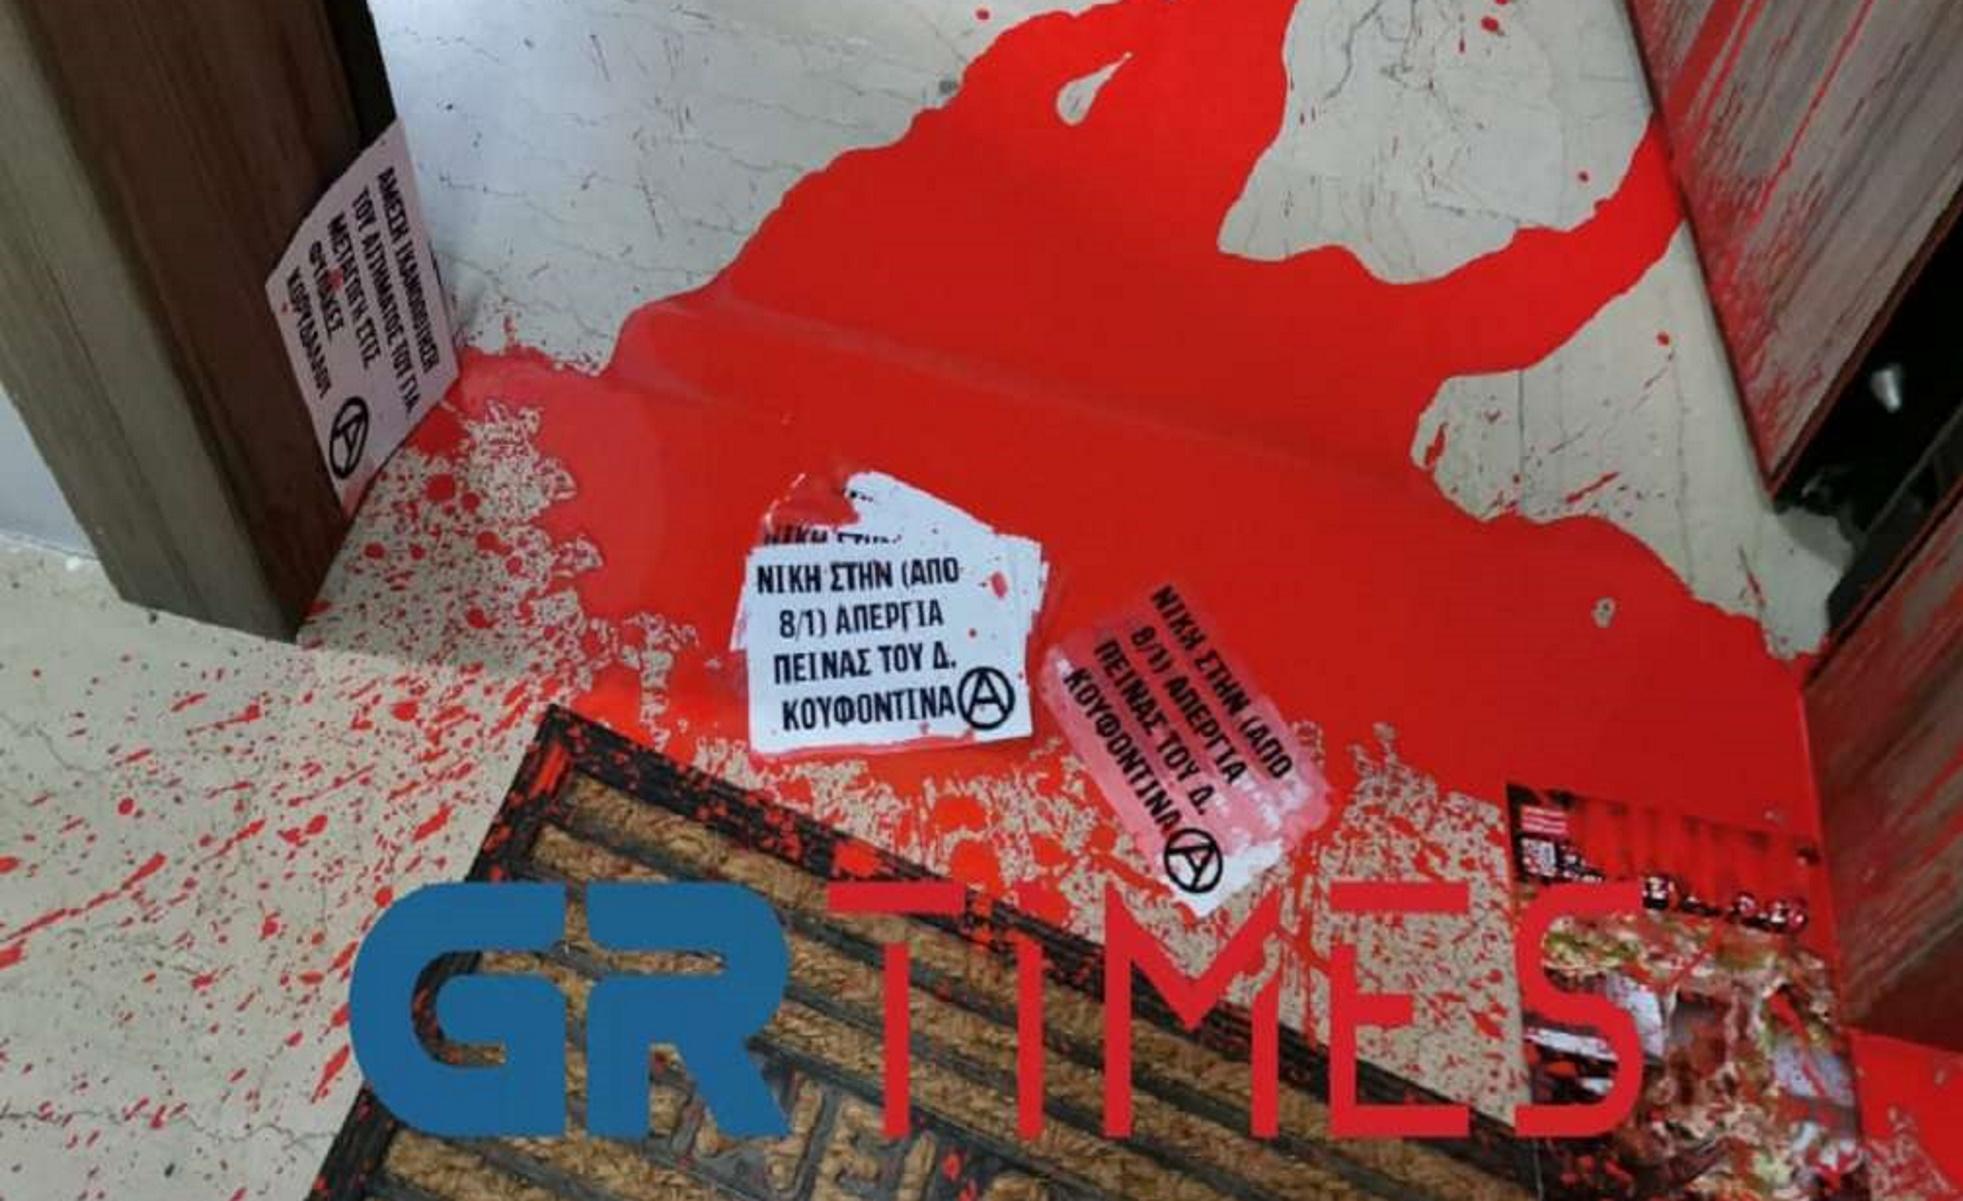 Επίθεση με μπογιές και τρικάκια στο γραφείο του βουλευτή Βαρτζόπουλου (pics, video)